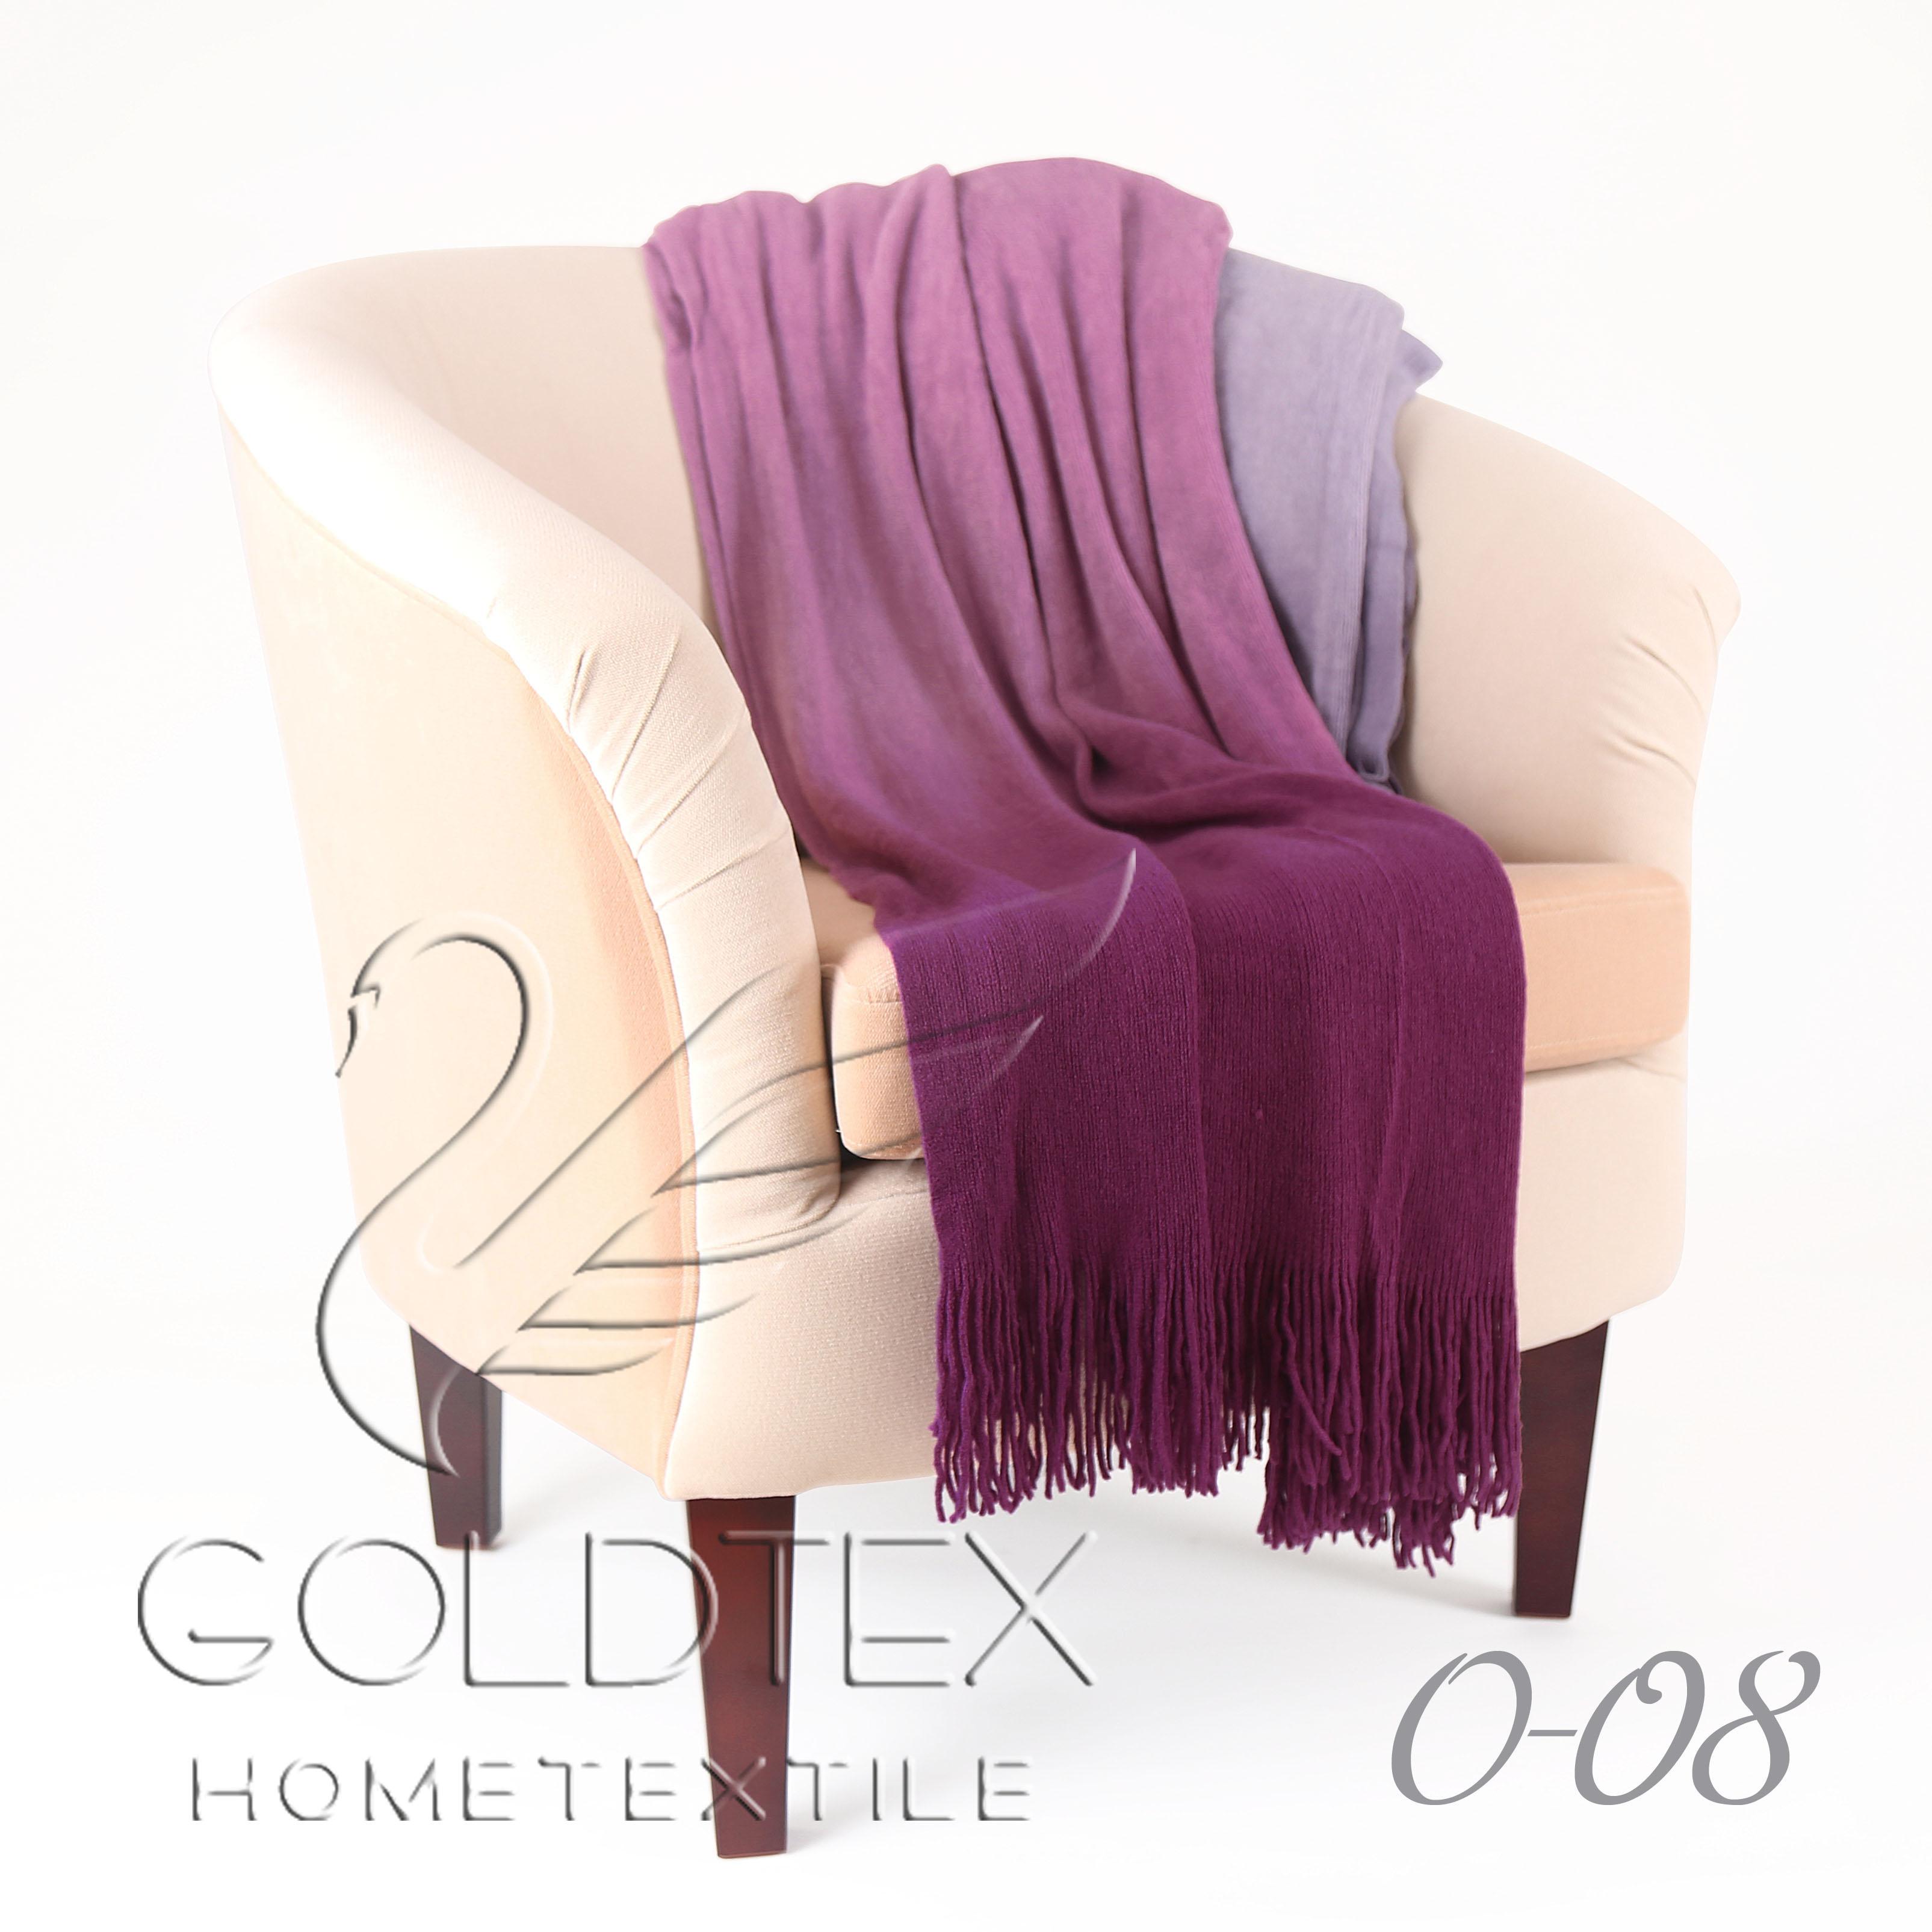 Плед Gentle Фиолетовый р. 150х200Пледы<br><br><br>Тип: Плед<br>Размер: 150х200<br>Материал: Акрил